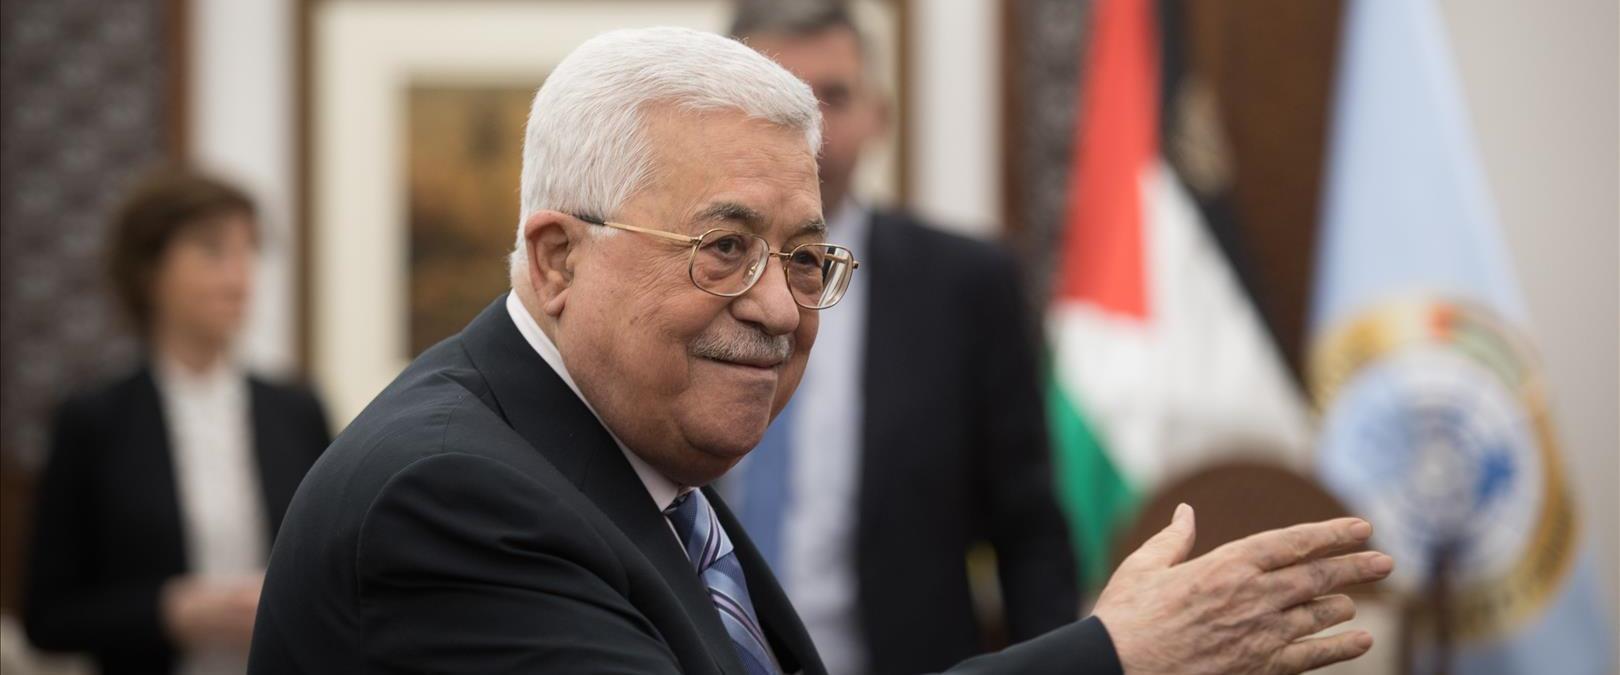 Qu'avons nous appris du bras de fer entre Israël et l'AP dans la crise des taxes ?